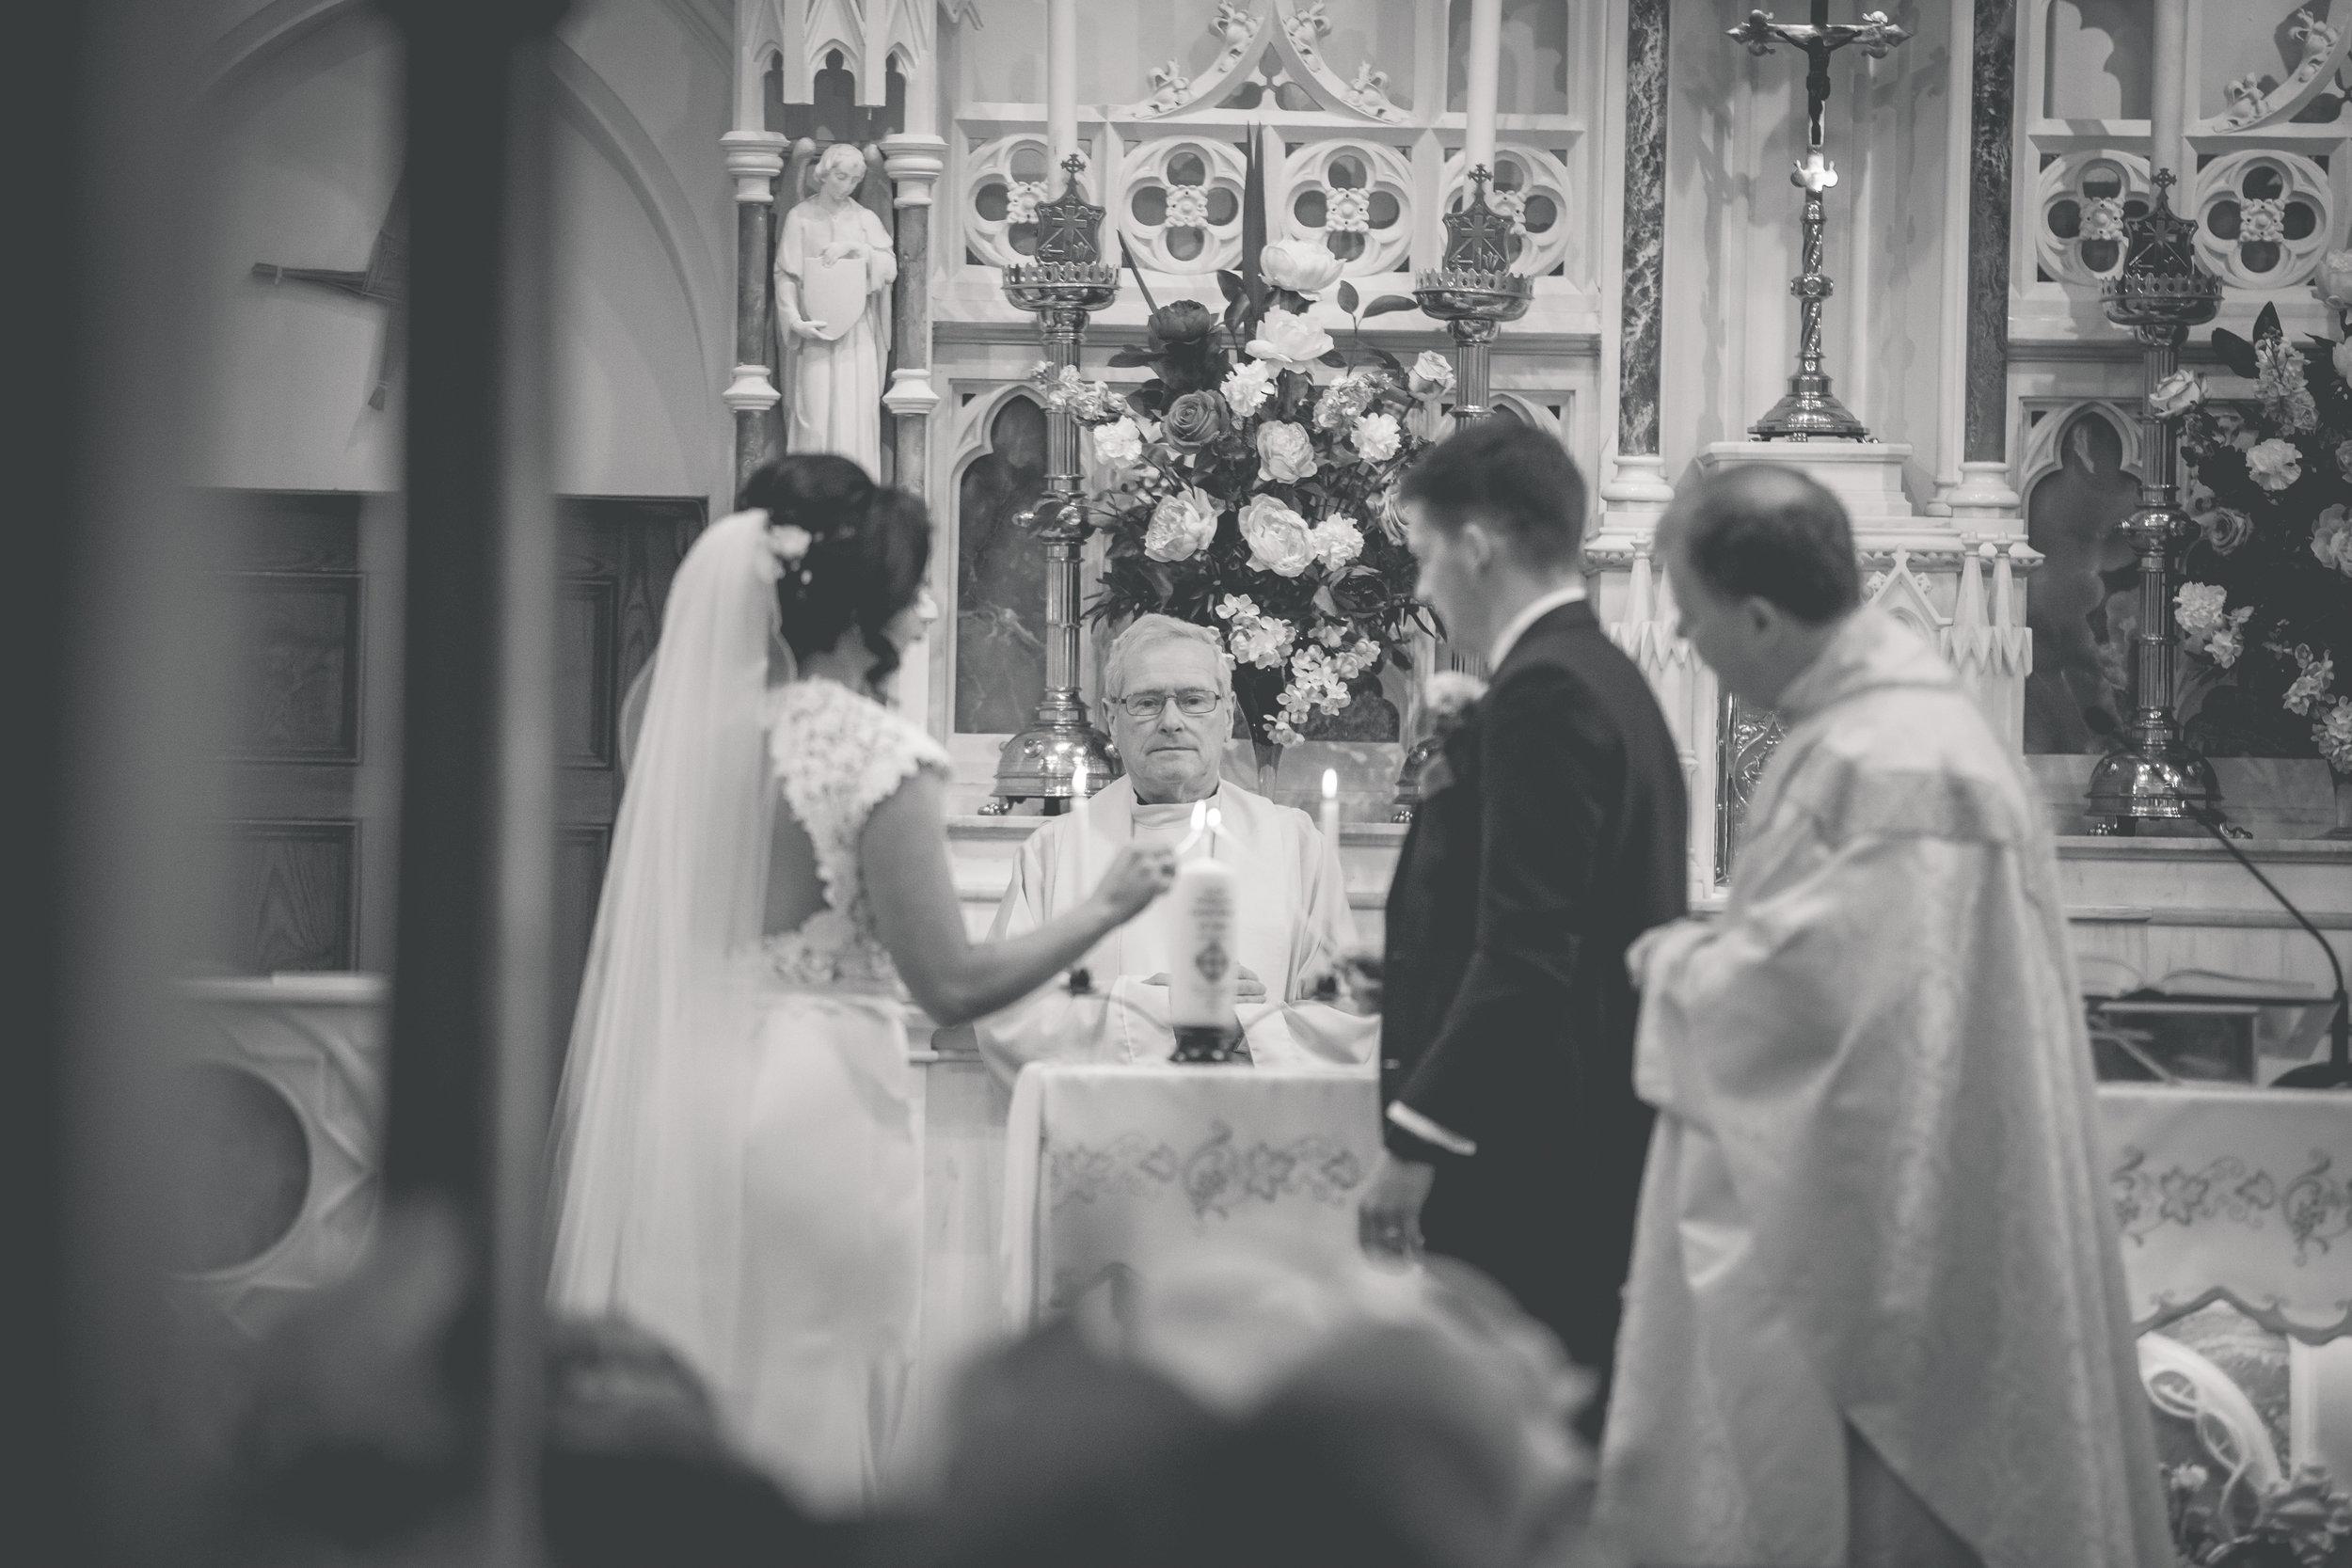 Brian McEwan Wedding Photography   Carol-Anne & Sean   The Ceremony-51.jpg